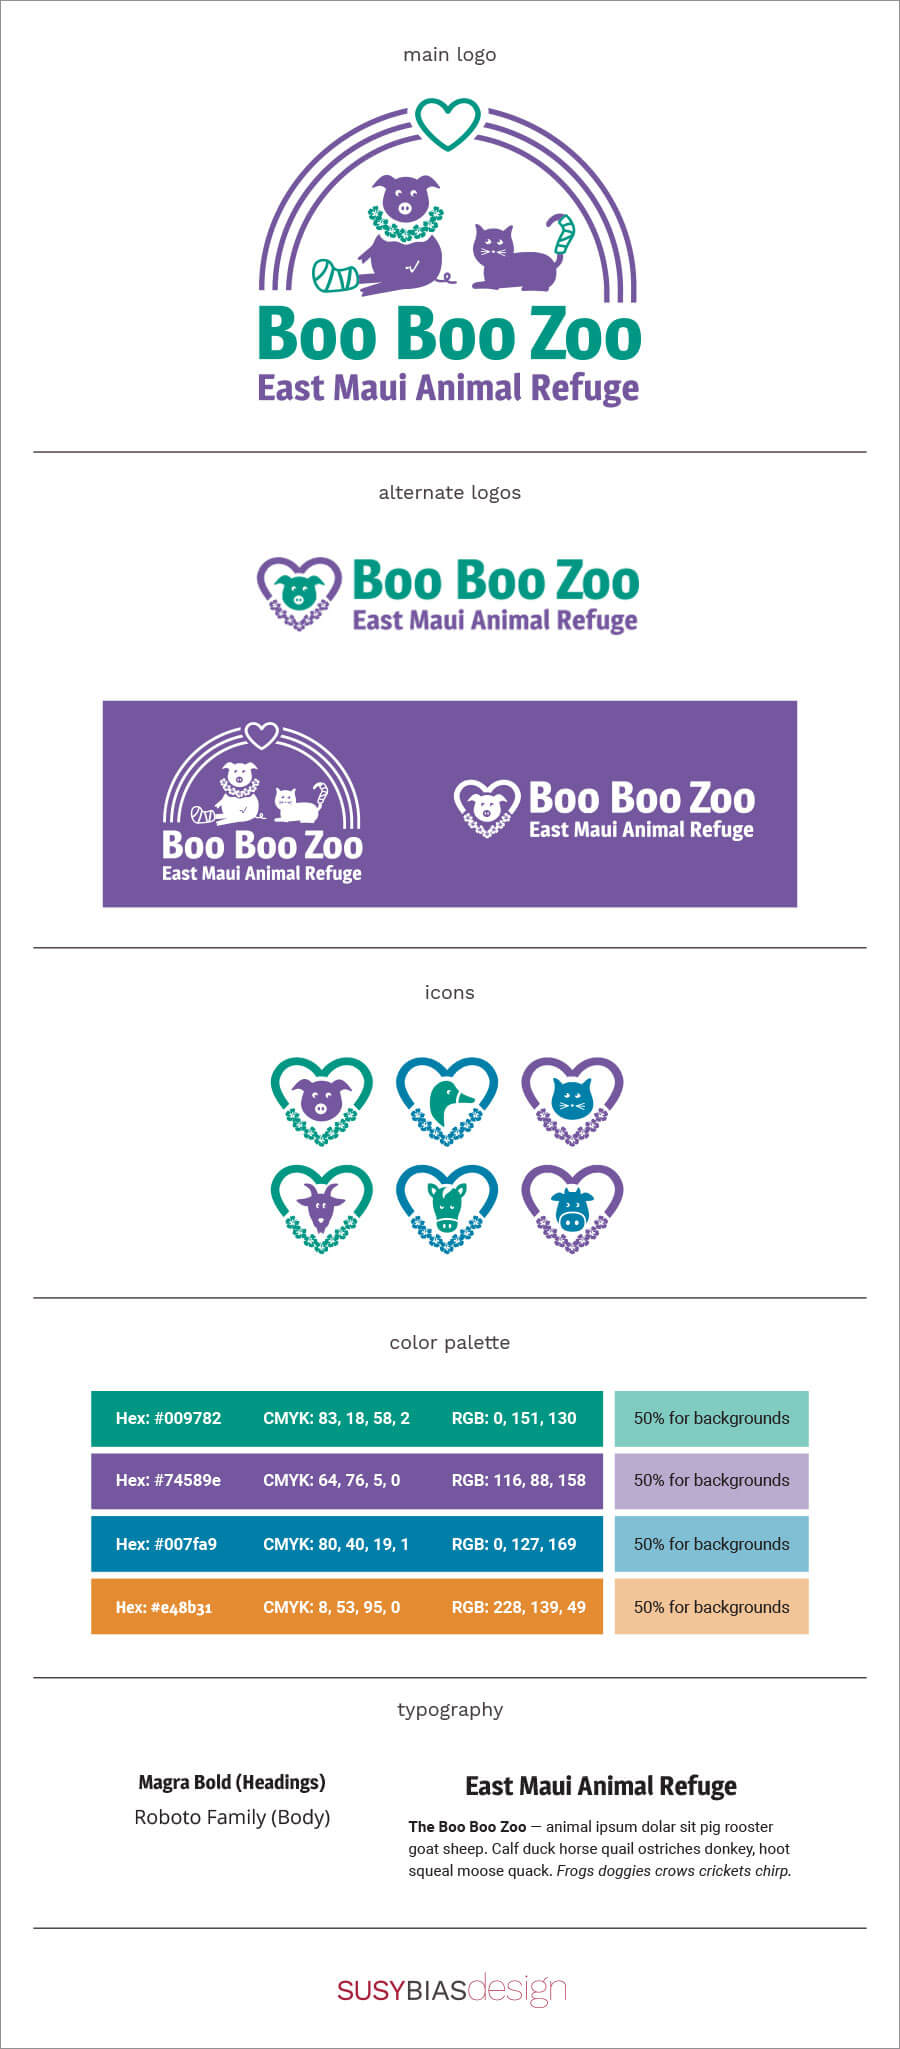 Boo Boo Zoo brand board